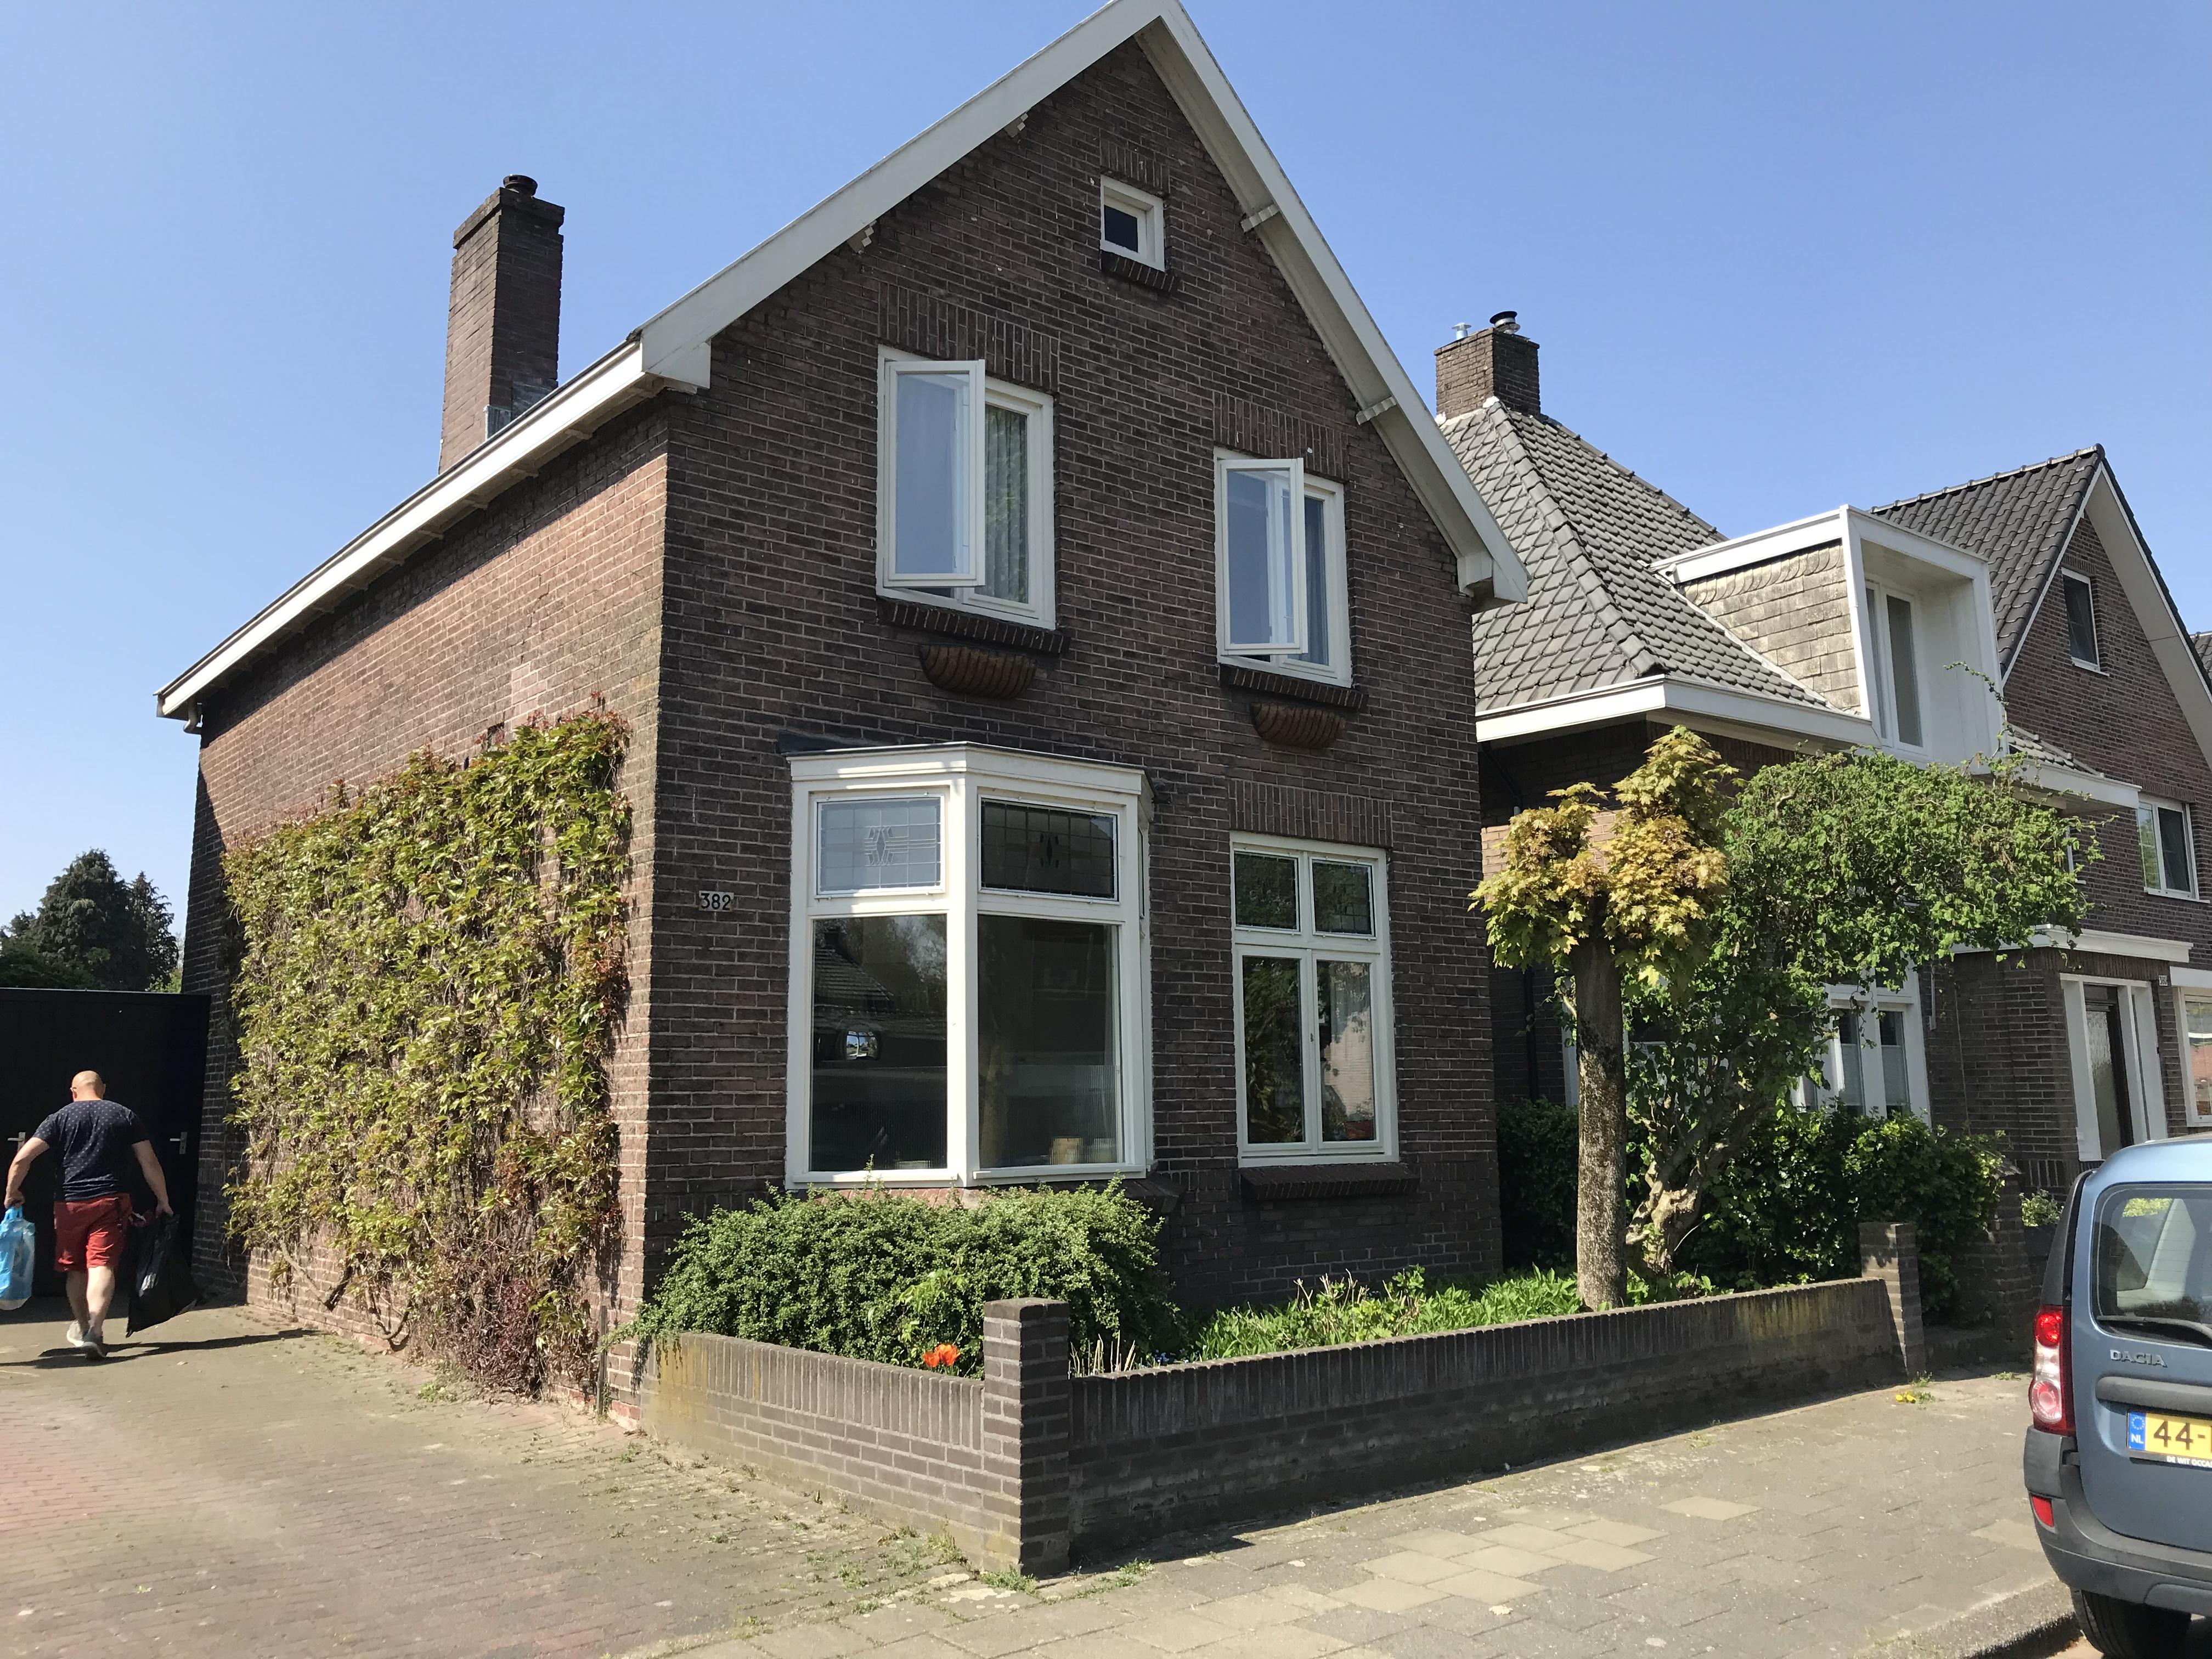 Brinkstraat 382, Enschede